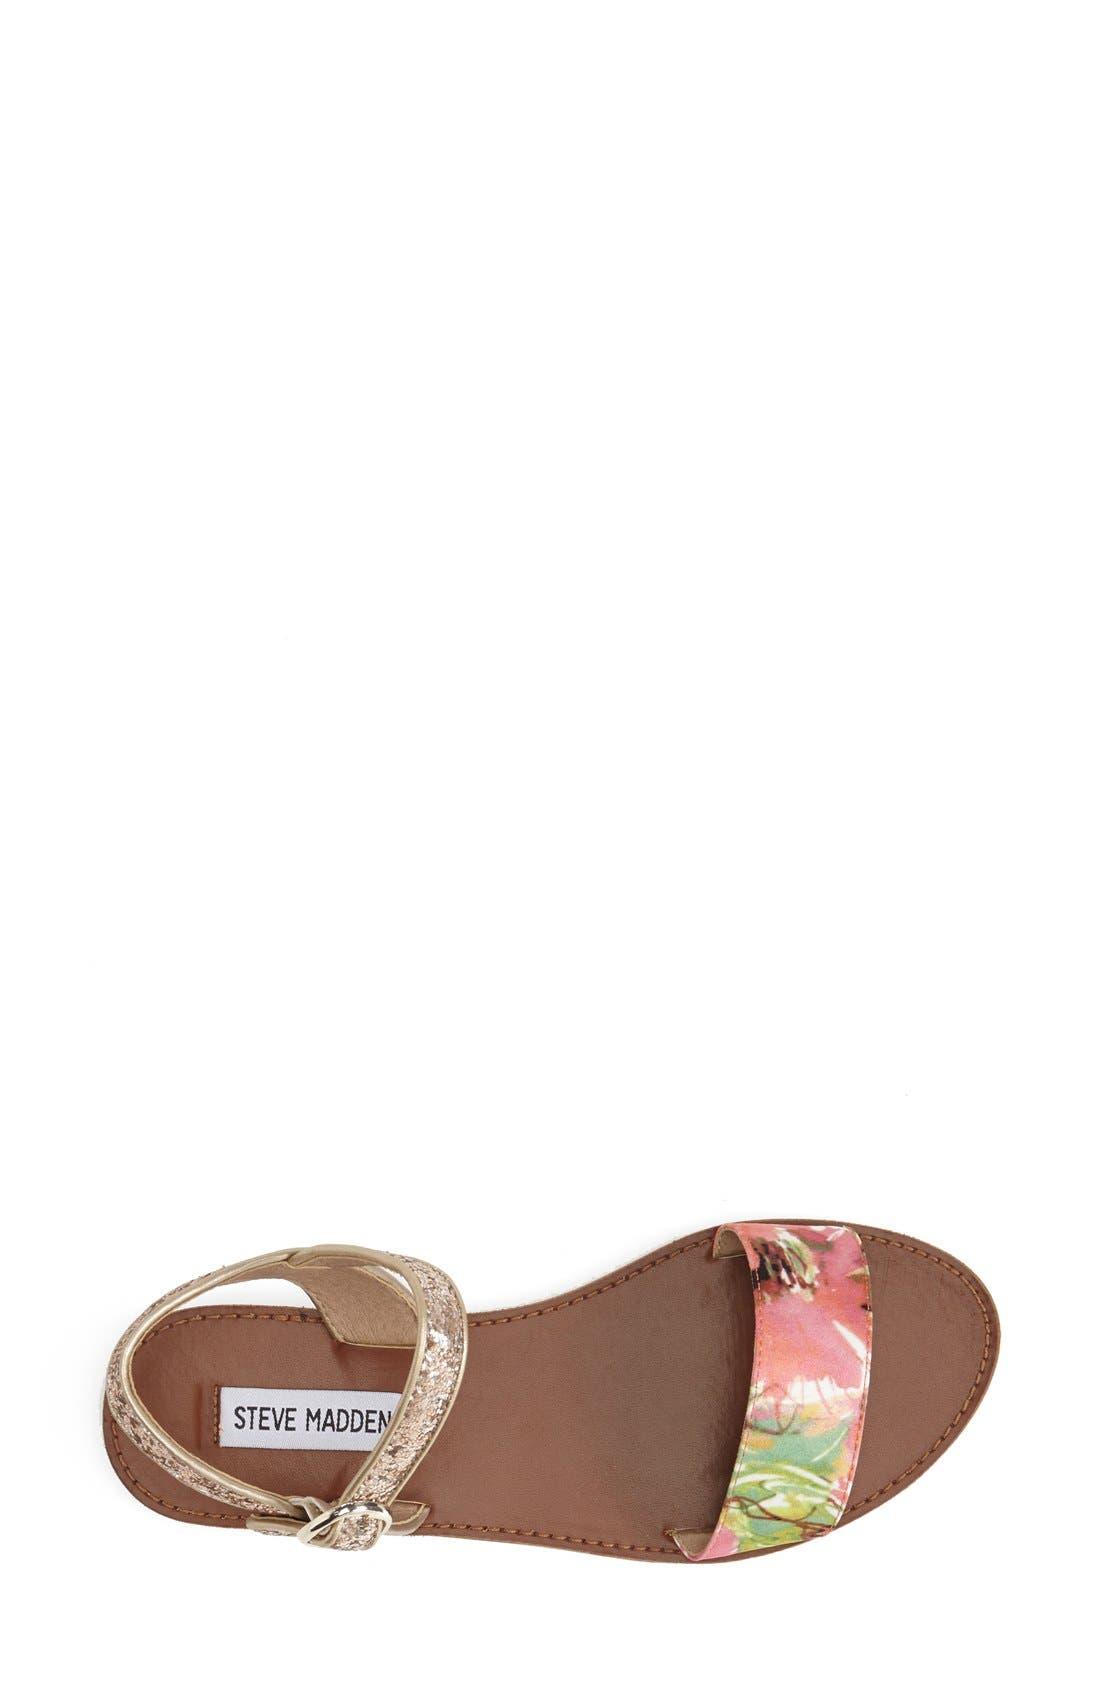 Alternate Image 3  - Steve Madden 'Donddi' Ankle Strap Sandal (Women)